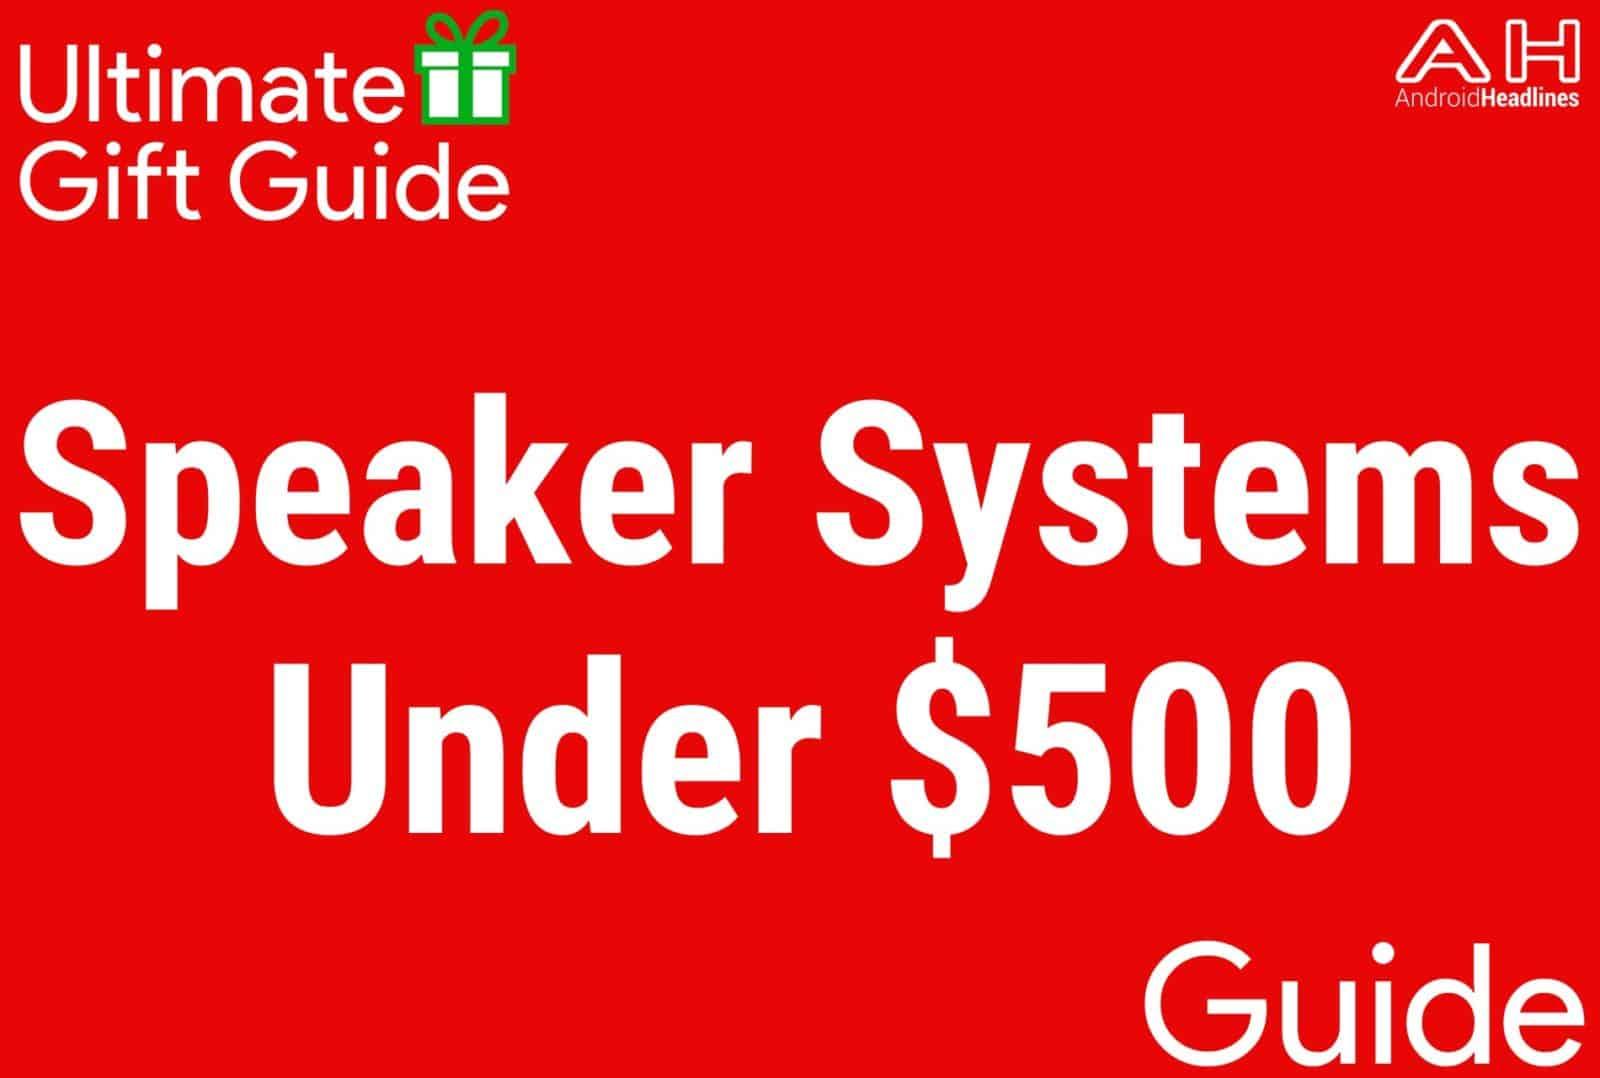 Speaker Systems Under $500 - Gift Guide 2015